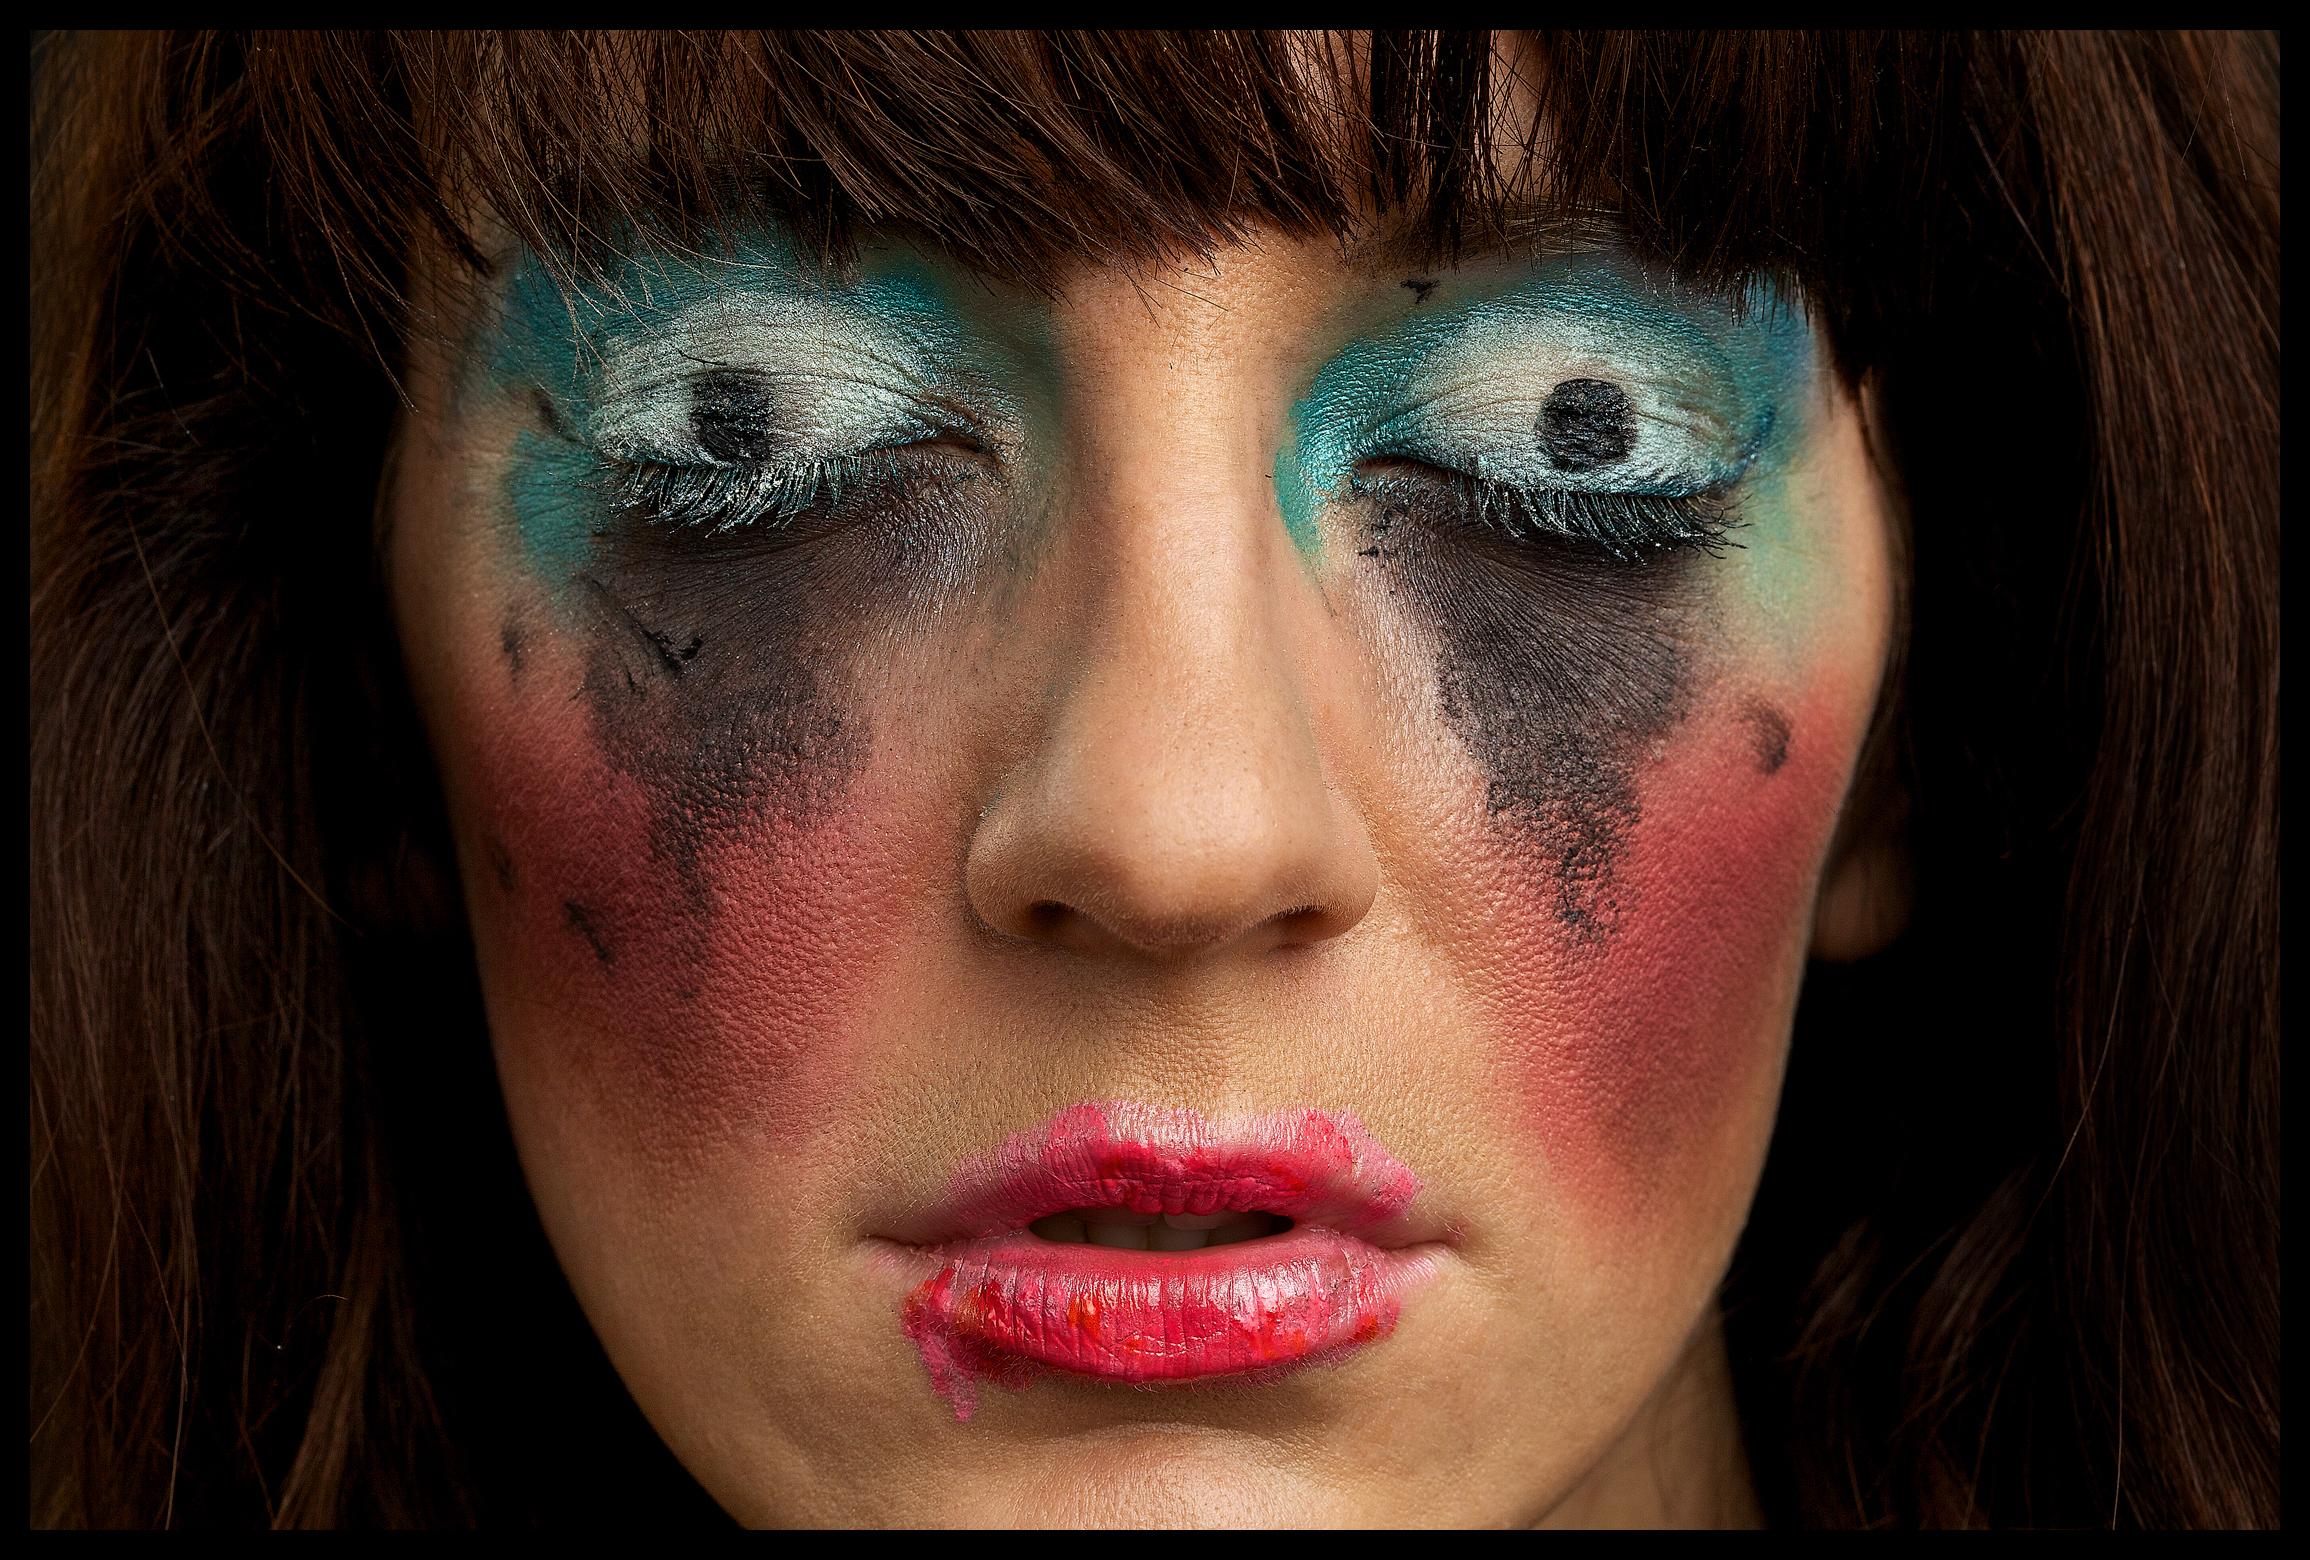 Bad Makeup Greg Inda Stills And Motion